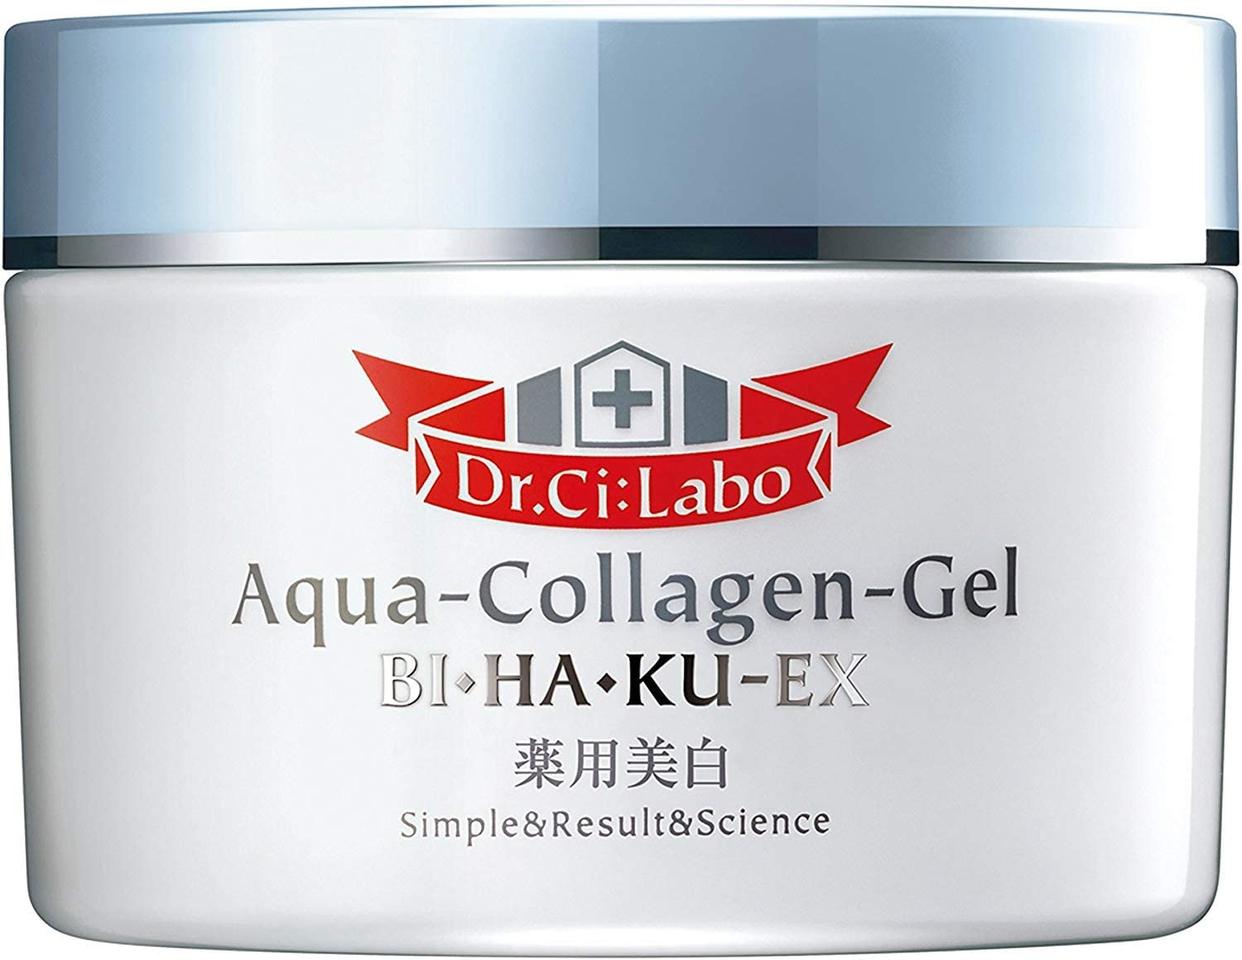 Dr.Ci:Labo(ドクターシーラボ)薬用アクアコラーゲンゲル 美白EX